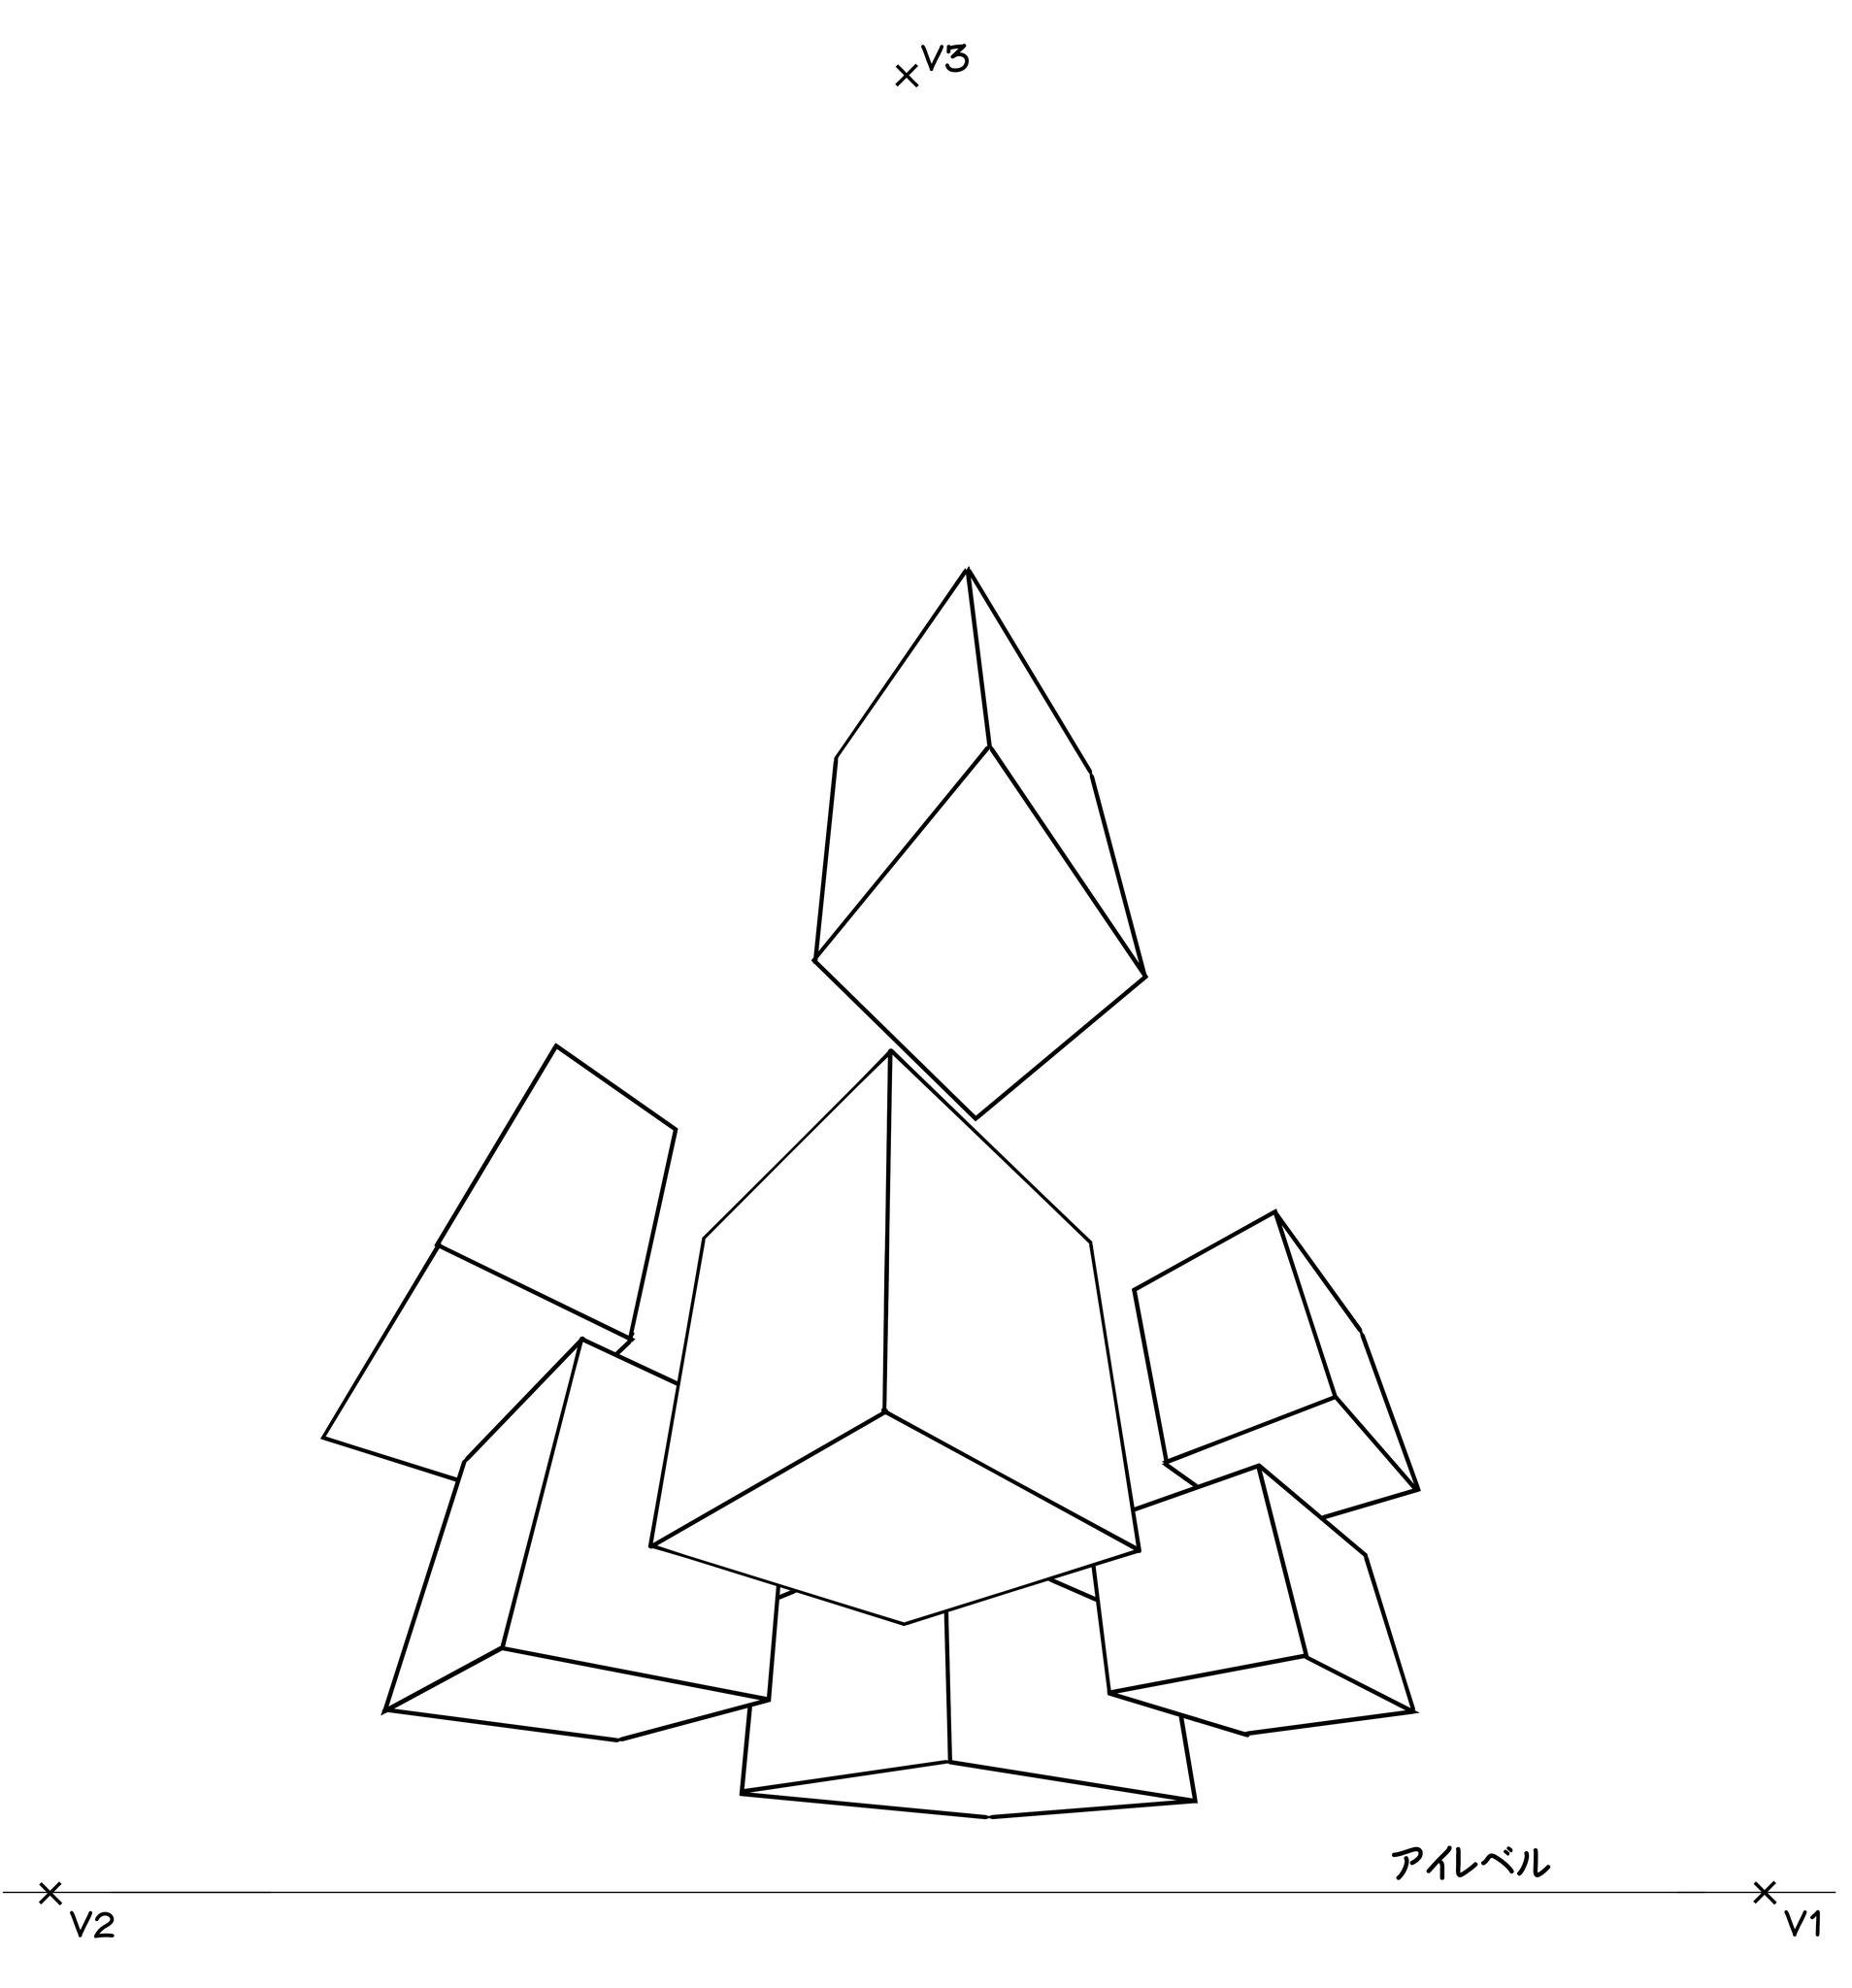 ⑨この手順で、いくつかの直方体を描いてください